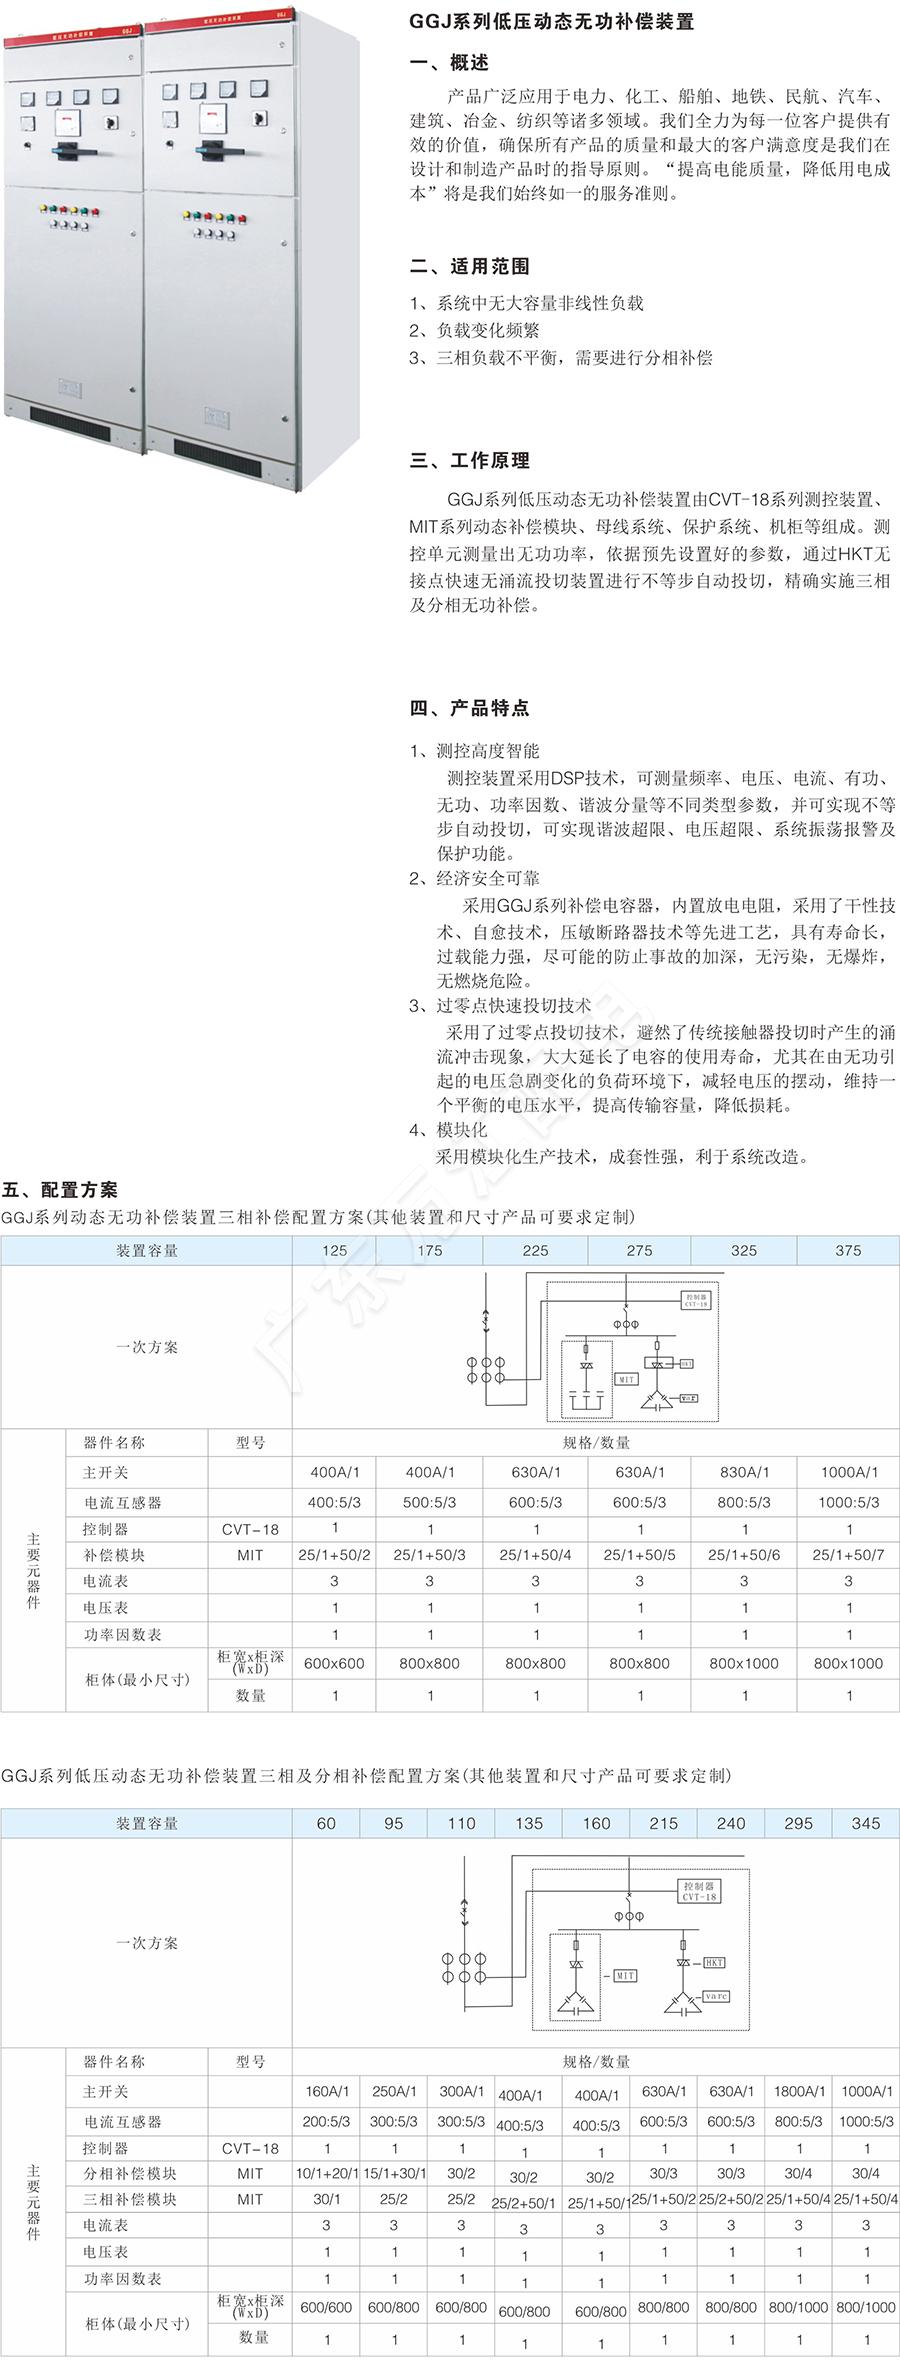 图层28.jpg